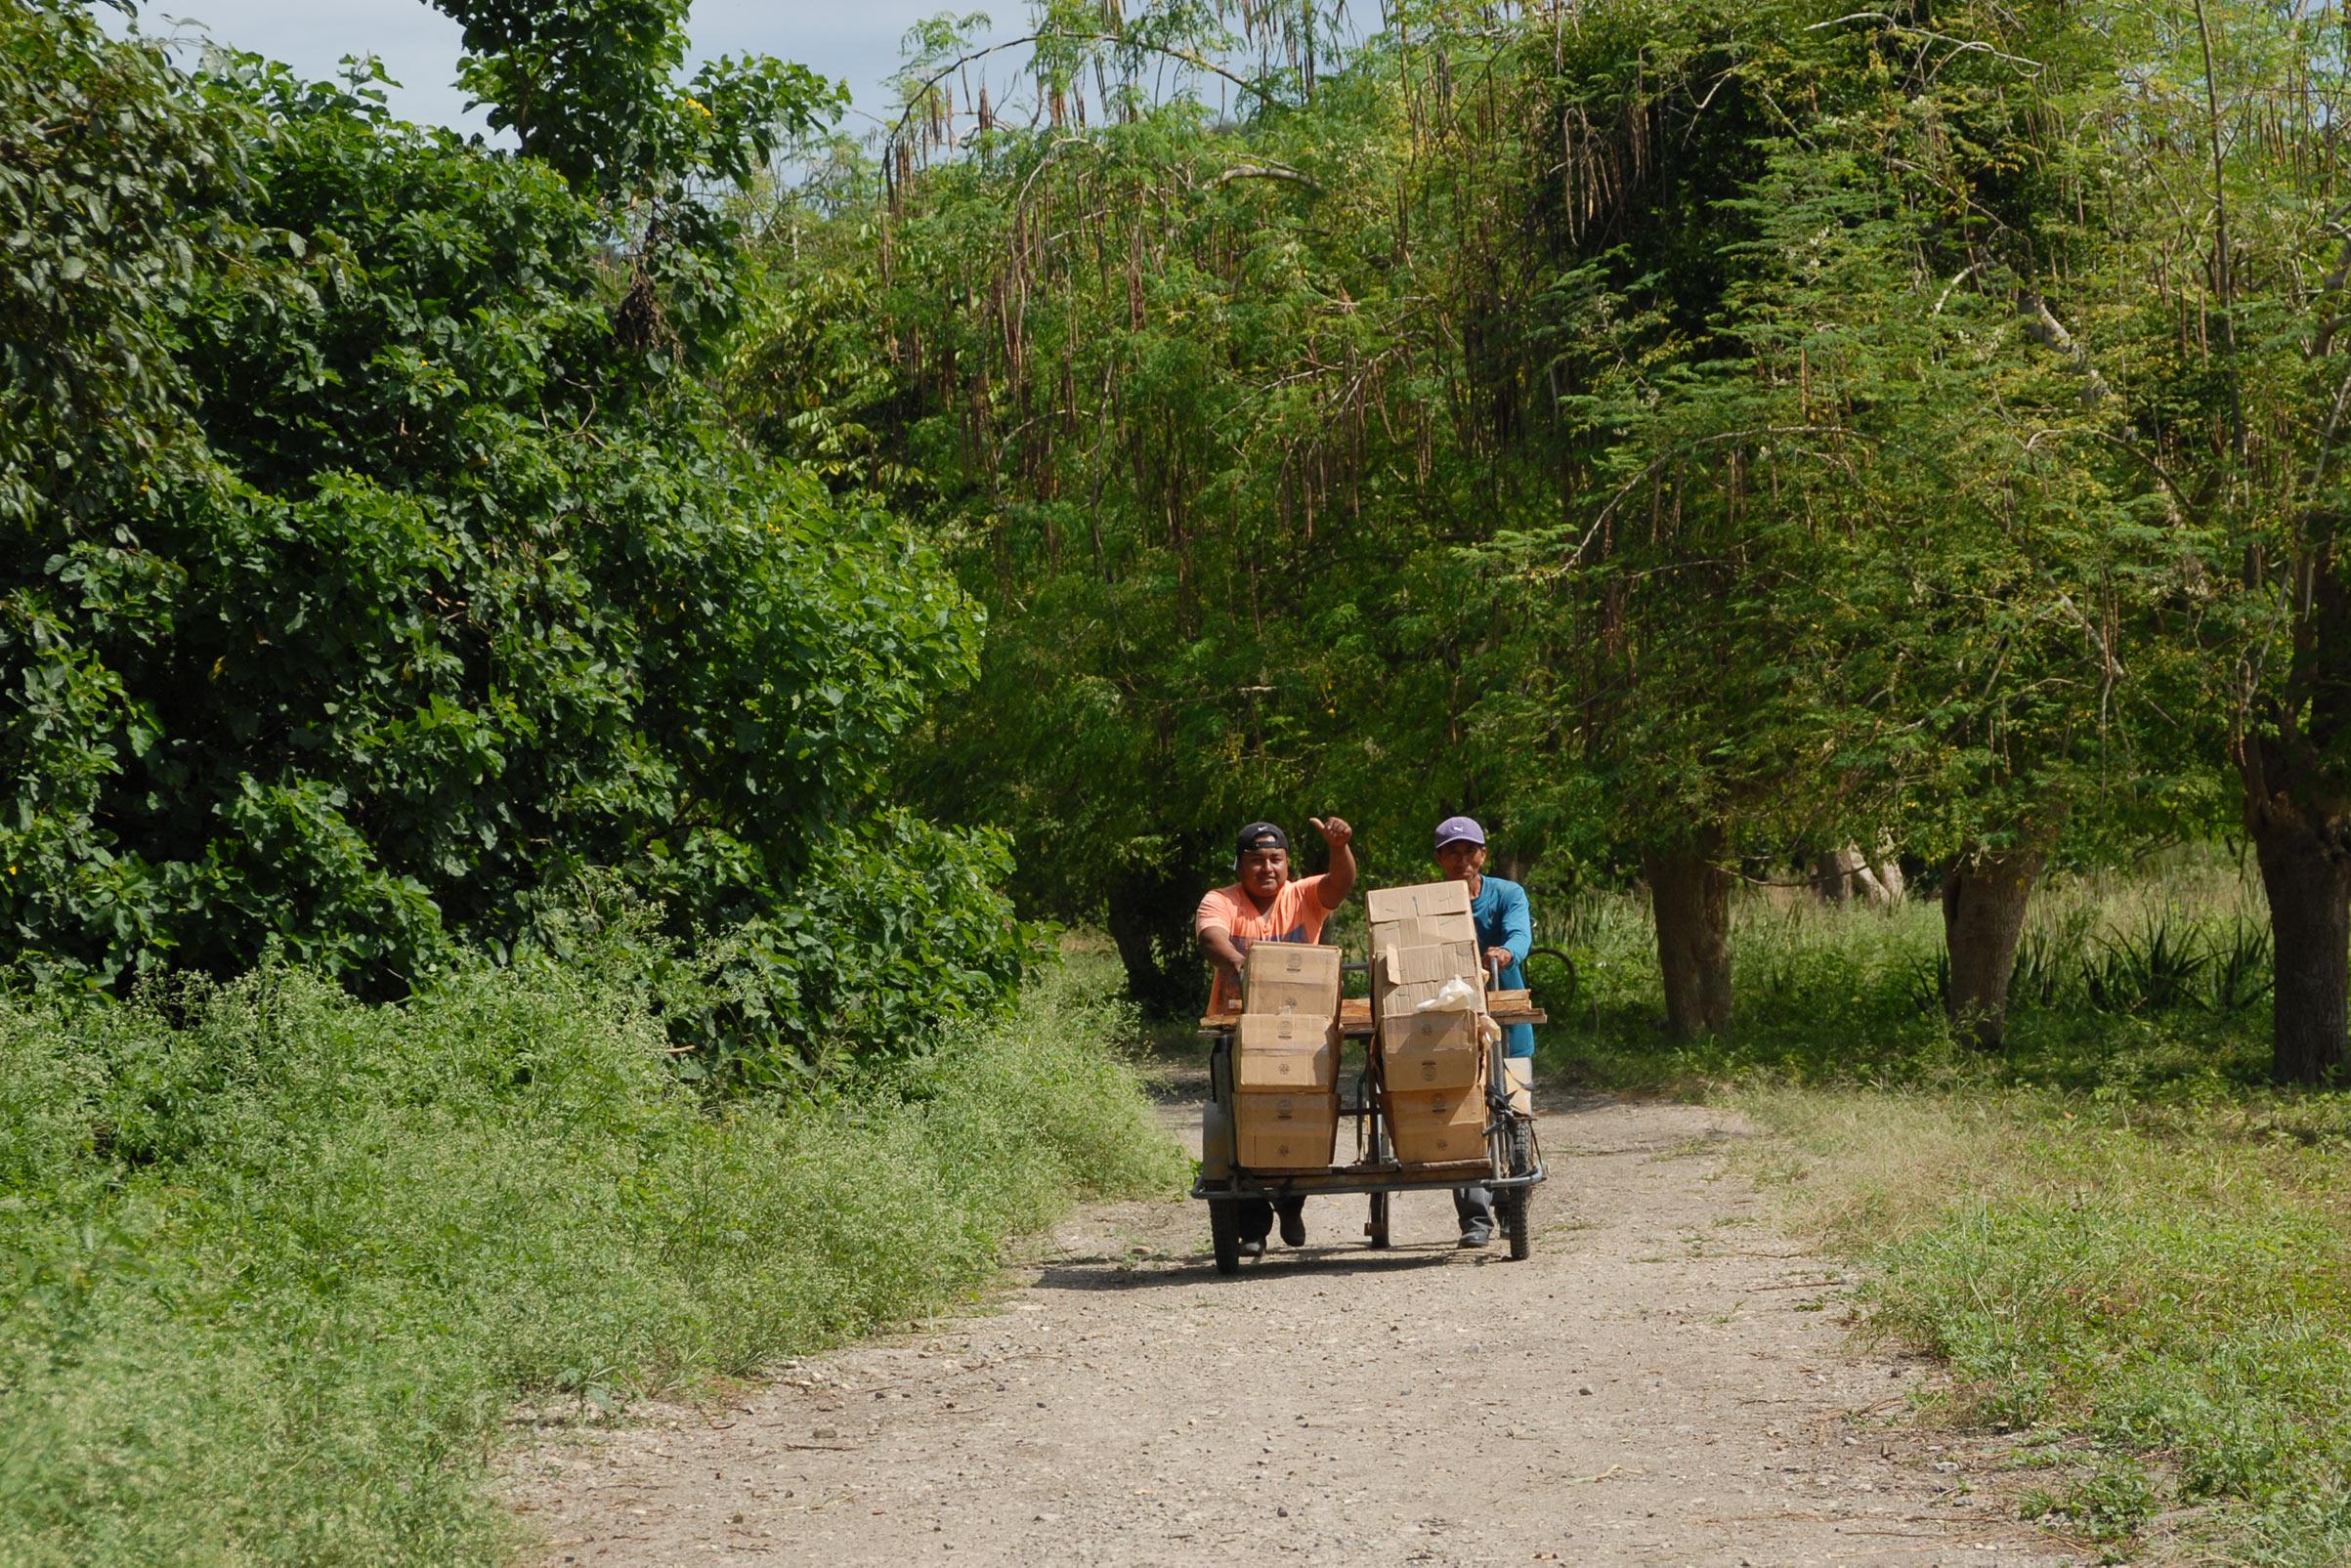 Die Kleinbauern liefern mit einem Fahrrad die Aloe Vera